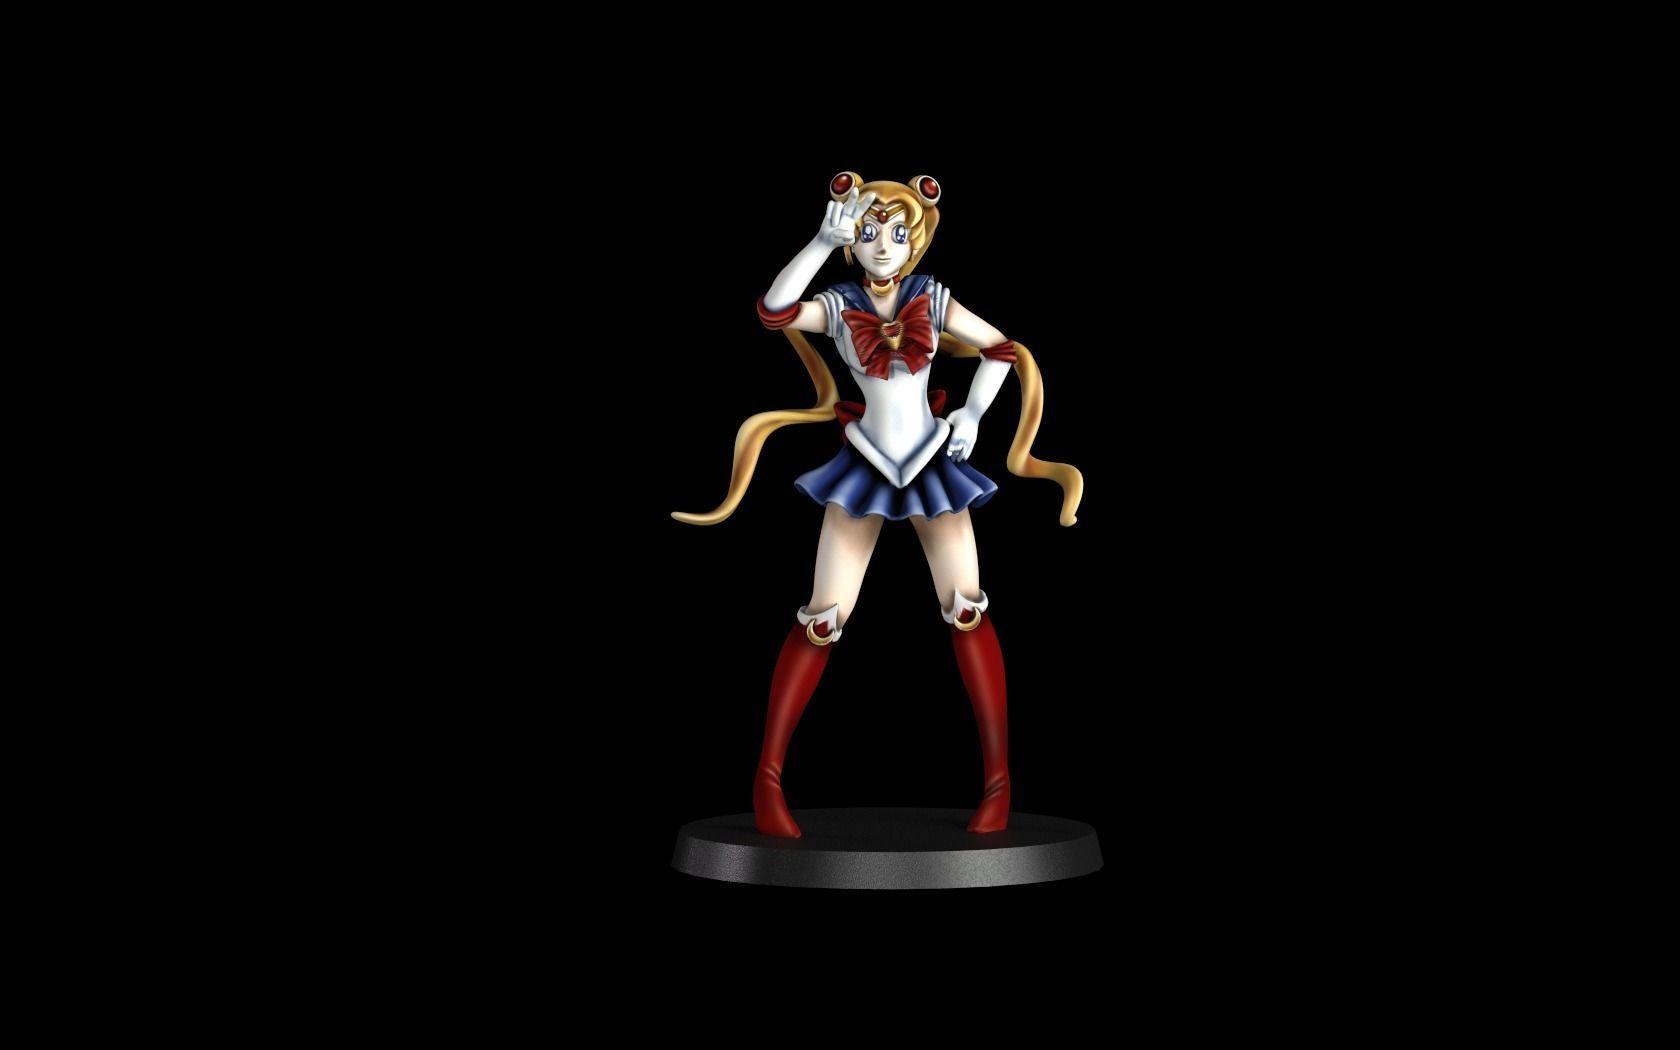 Sailor moon fan art 32mm